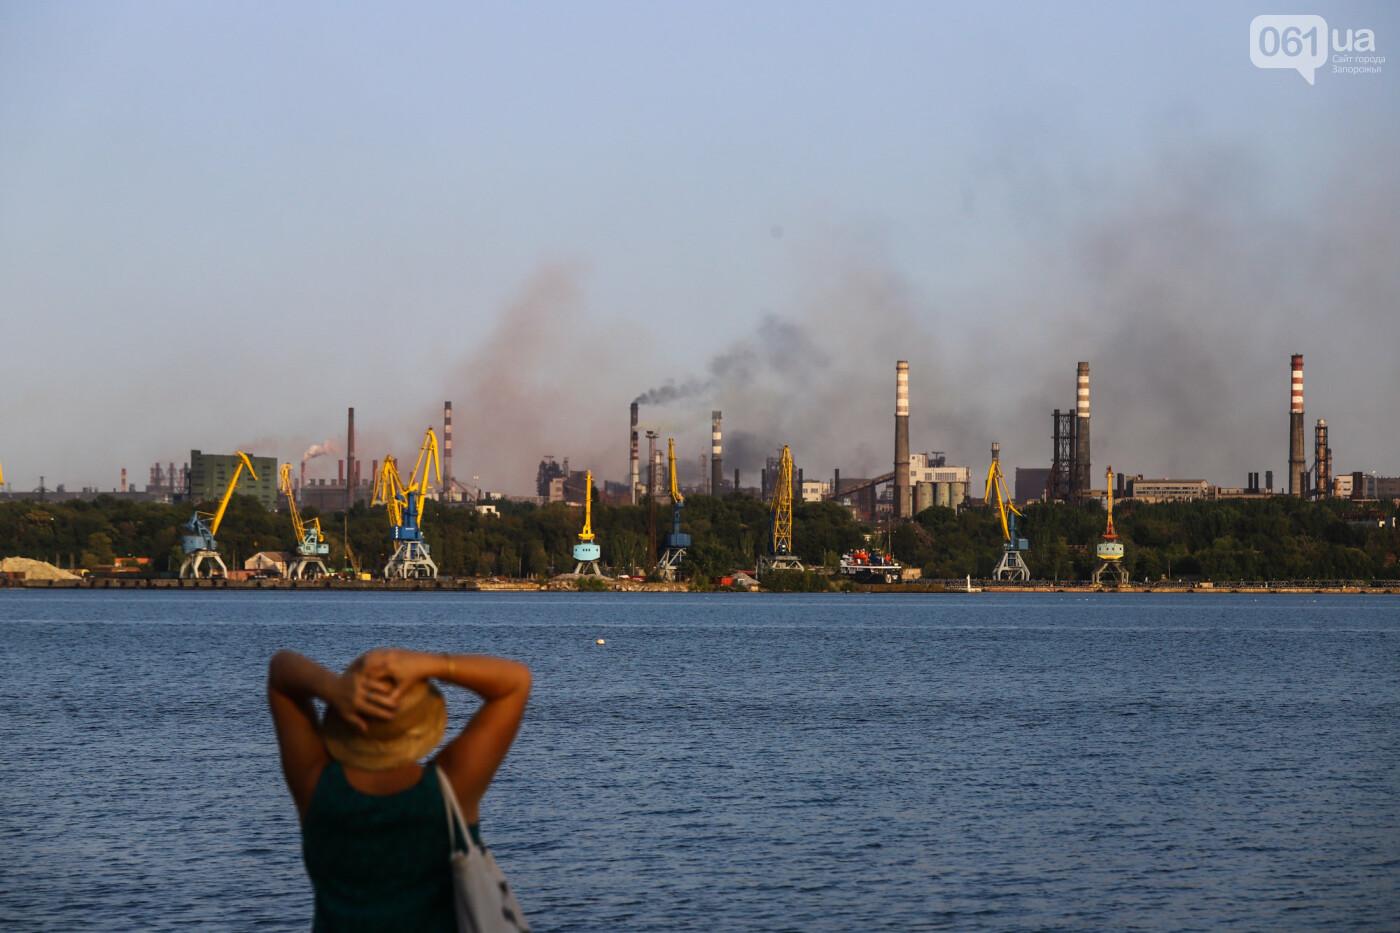 Запорожцы выйдут на митинг за чистый воздух - 10 фото о том, почему, фото-10